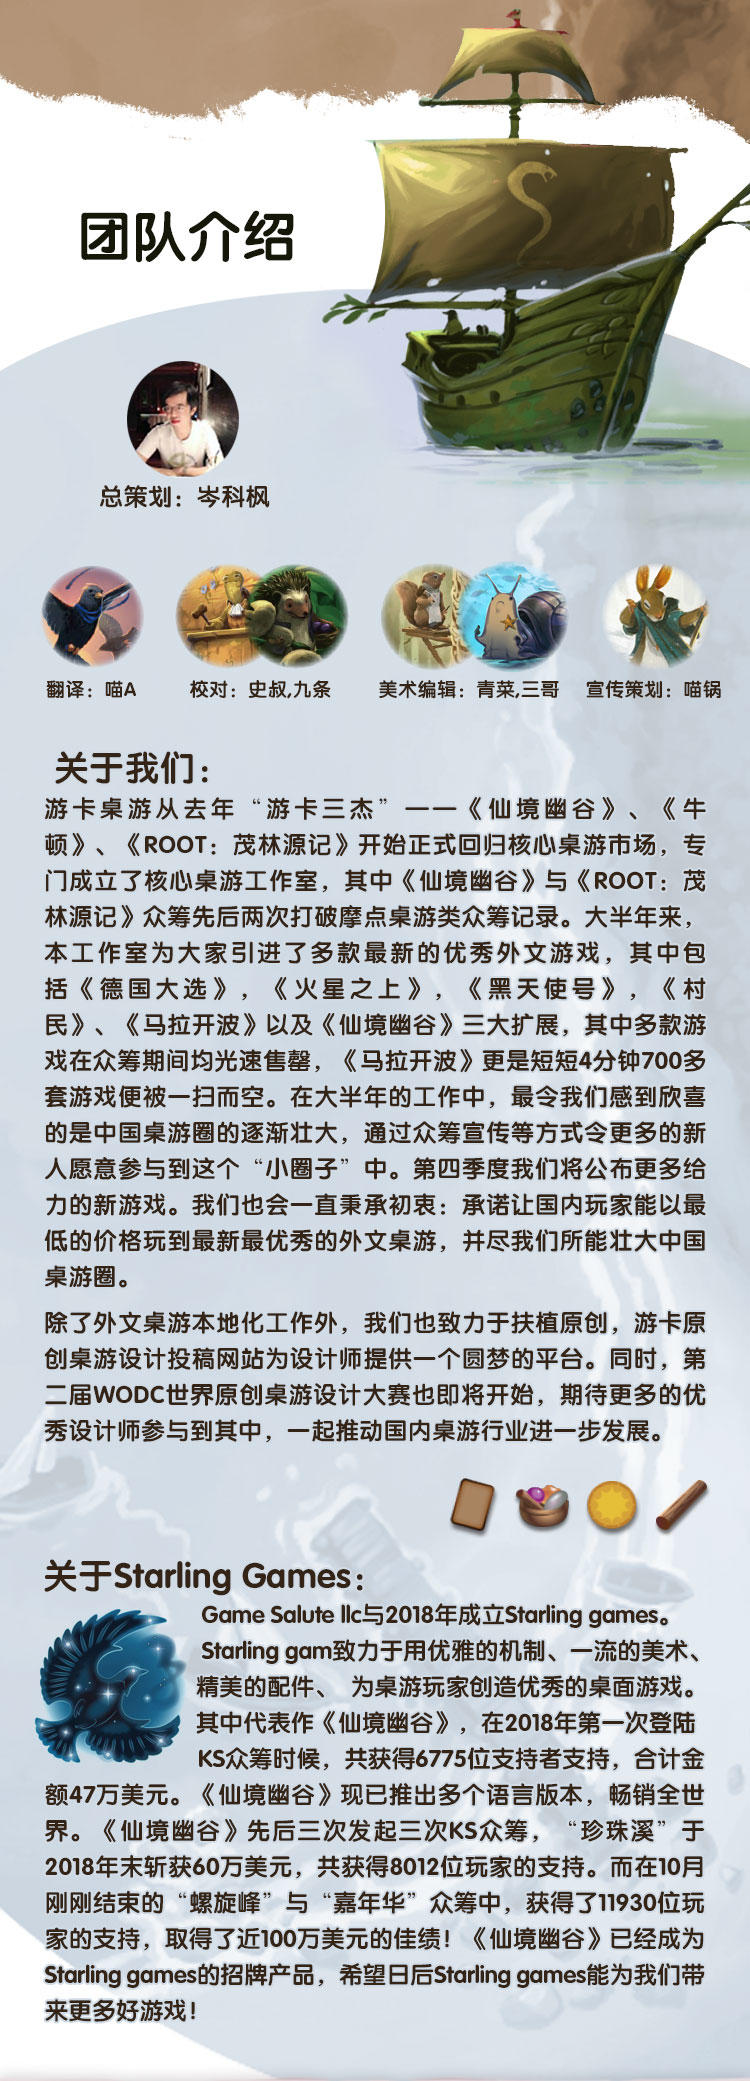 仙境幽谷扩展页面3-嘉年华10_05.jpg